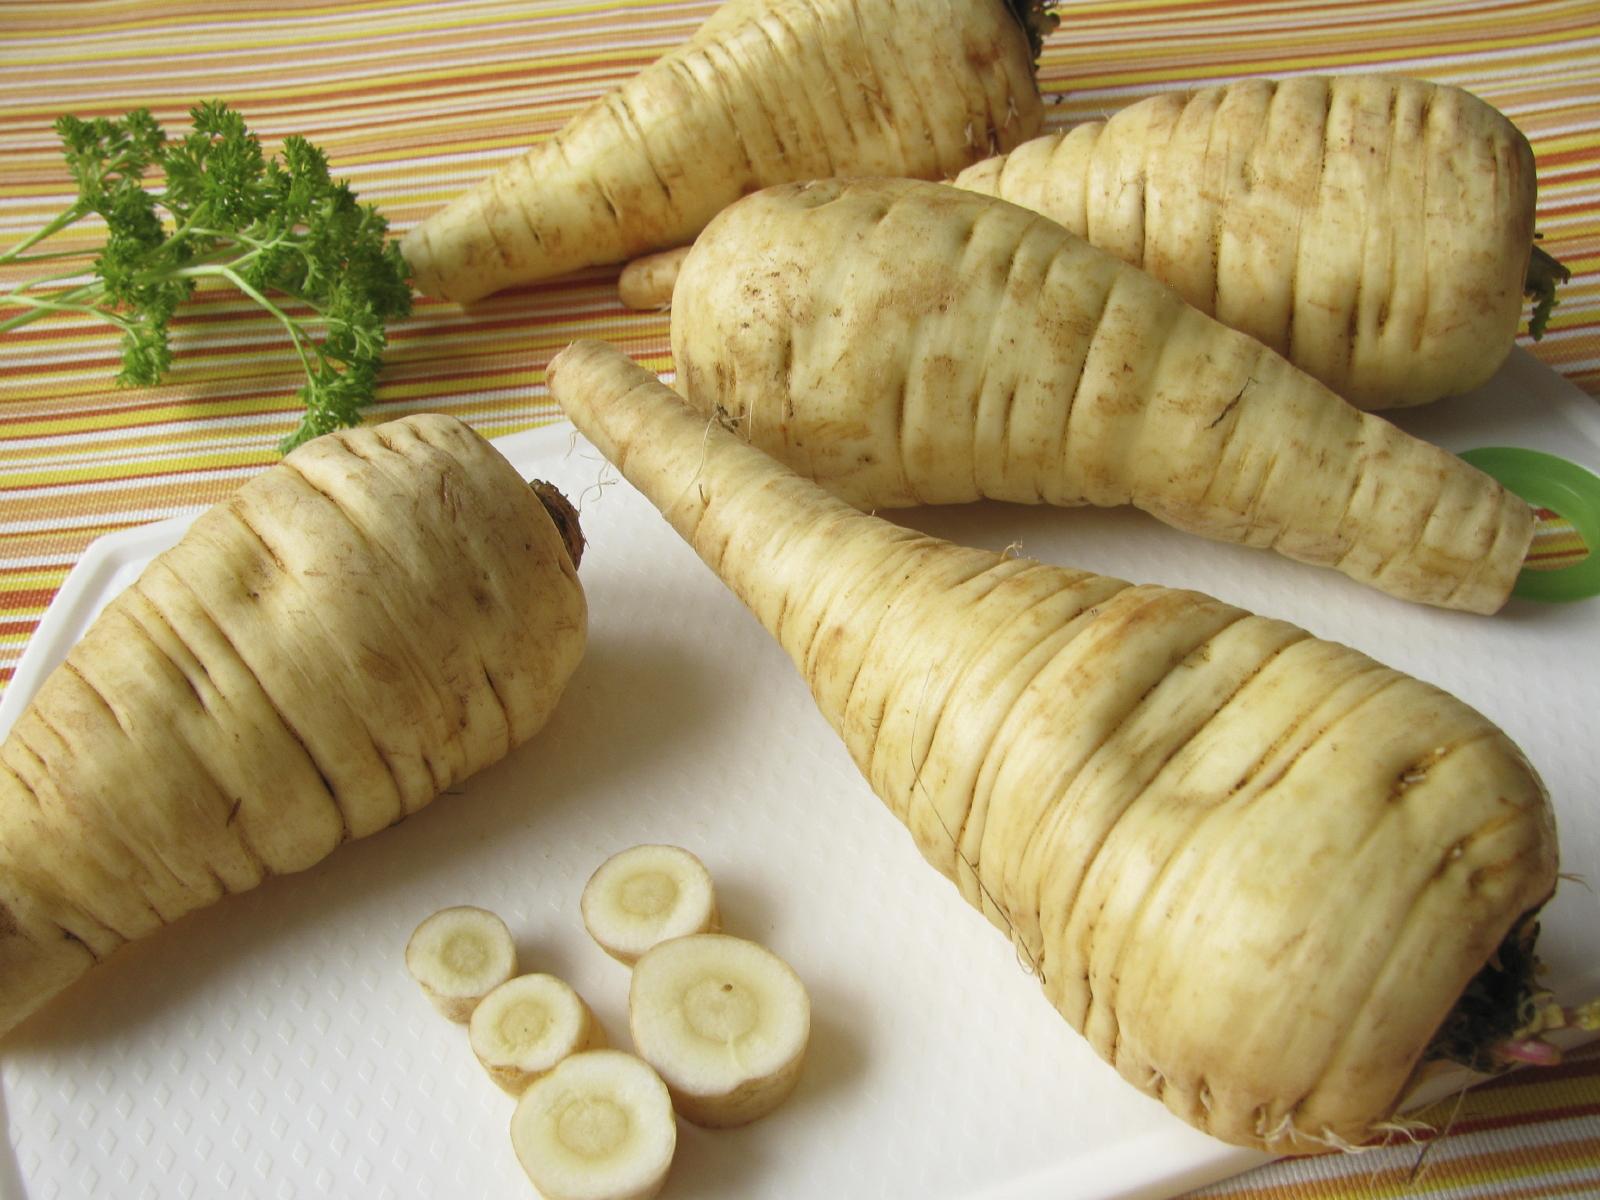 イギリスの野菜「パースニップ」